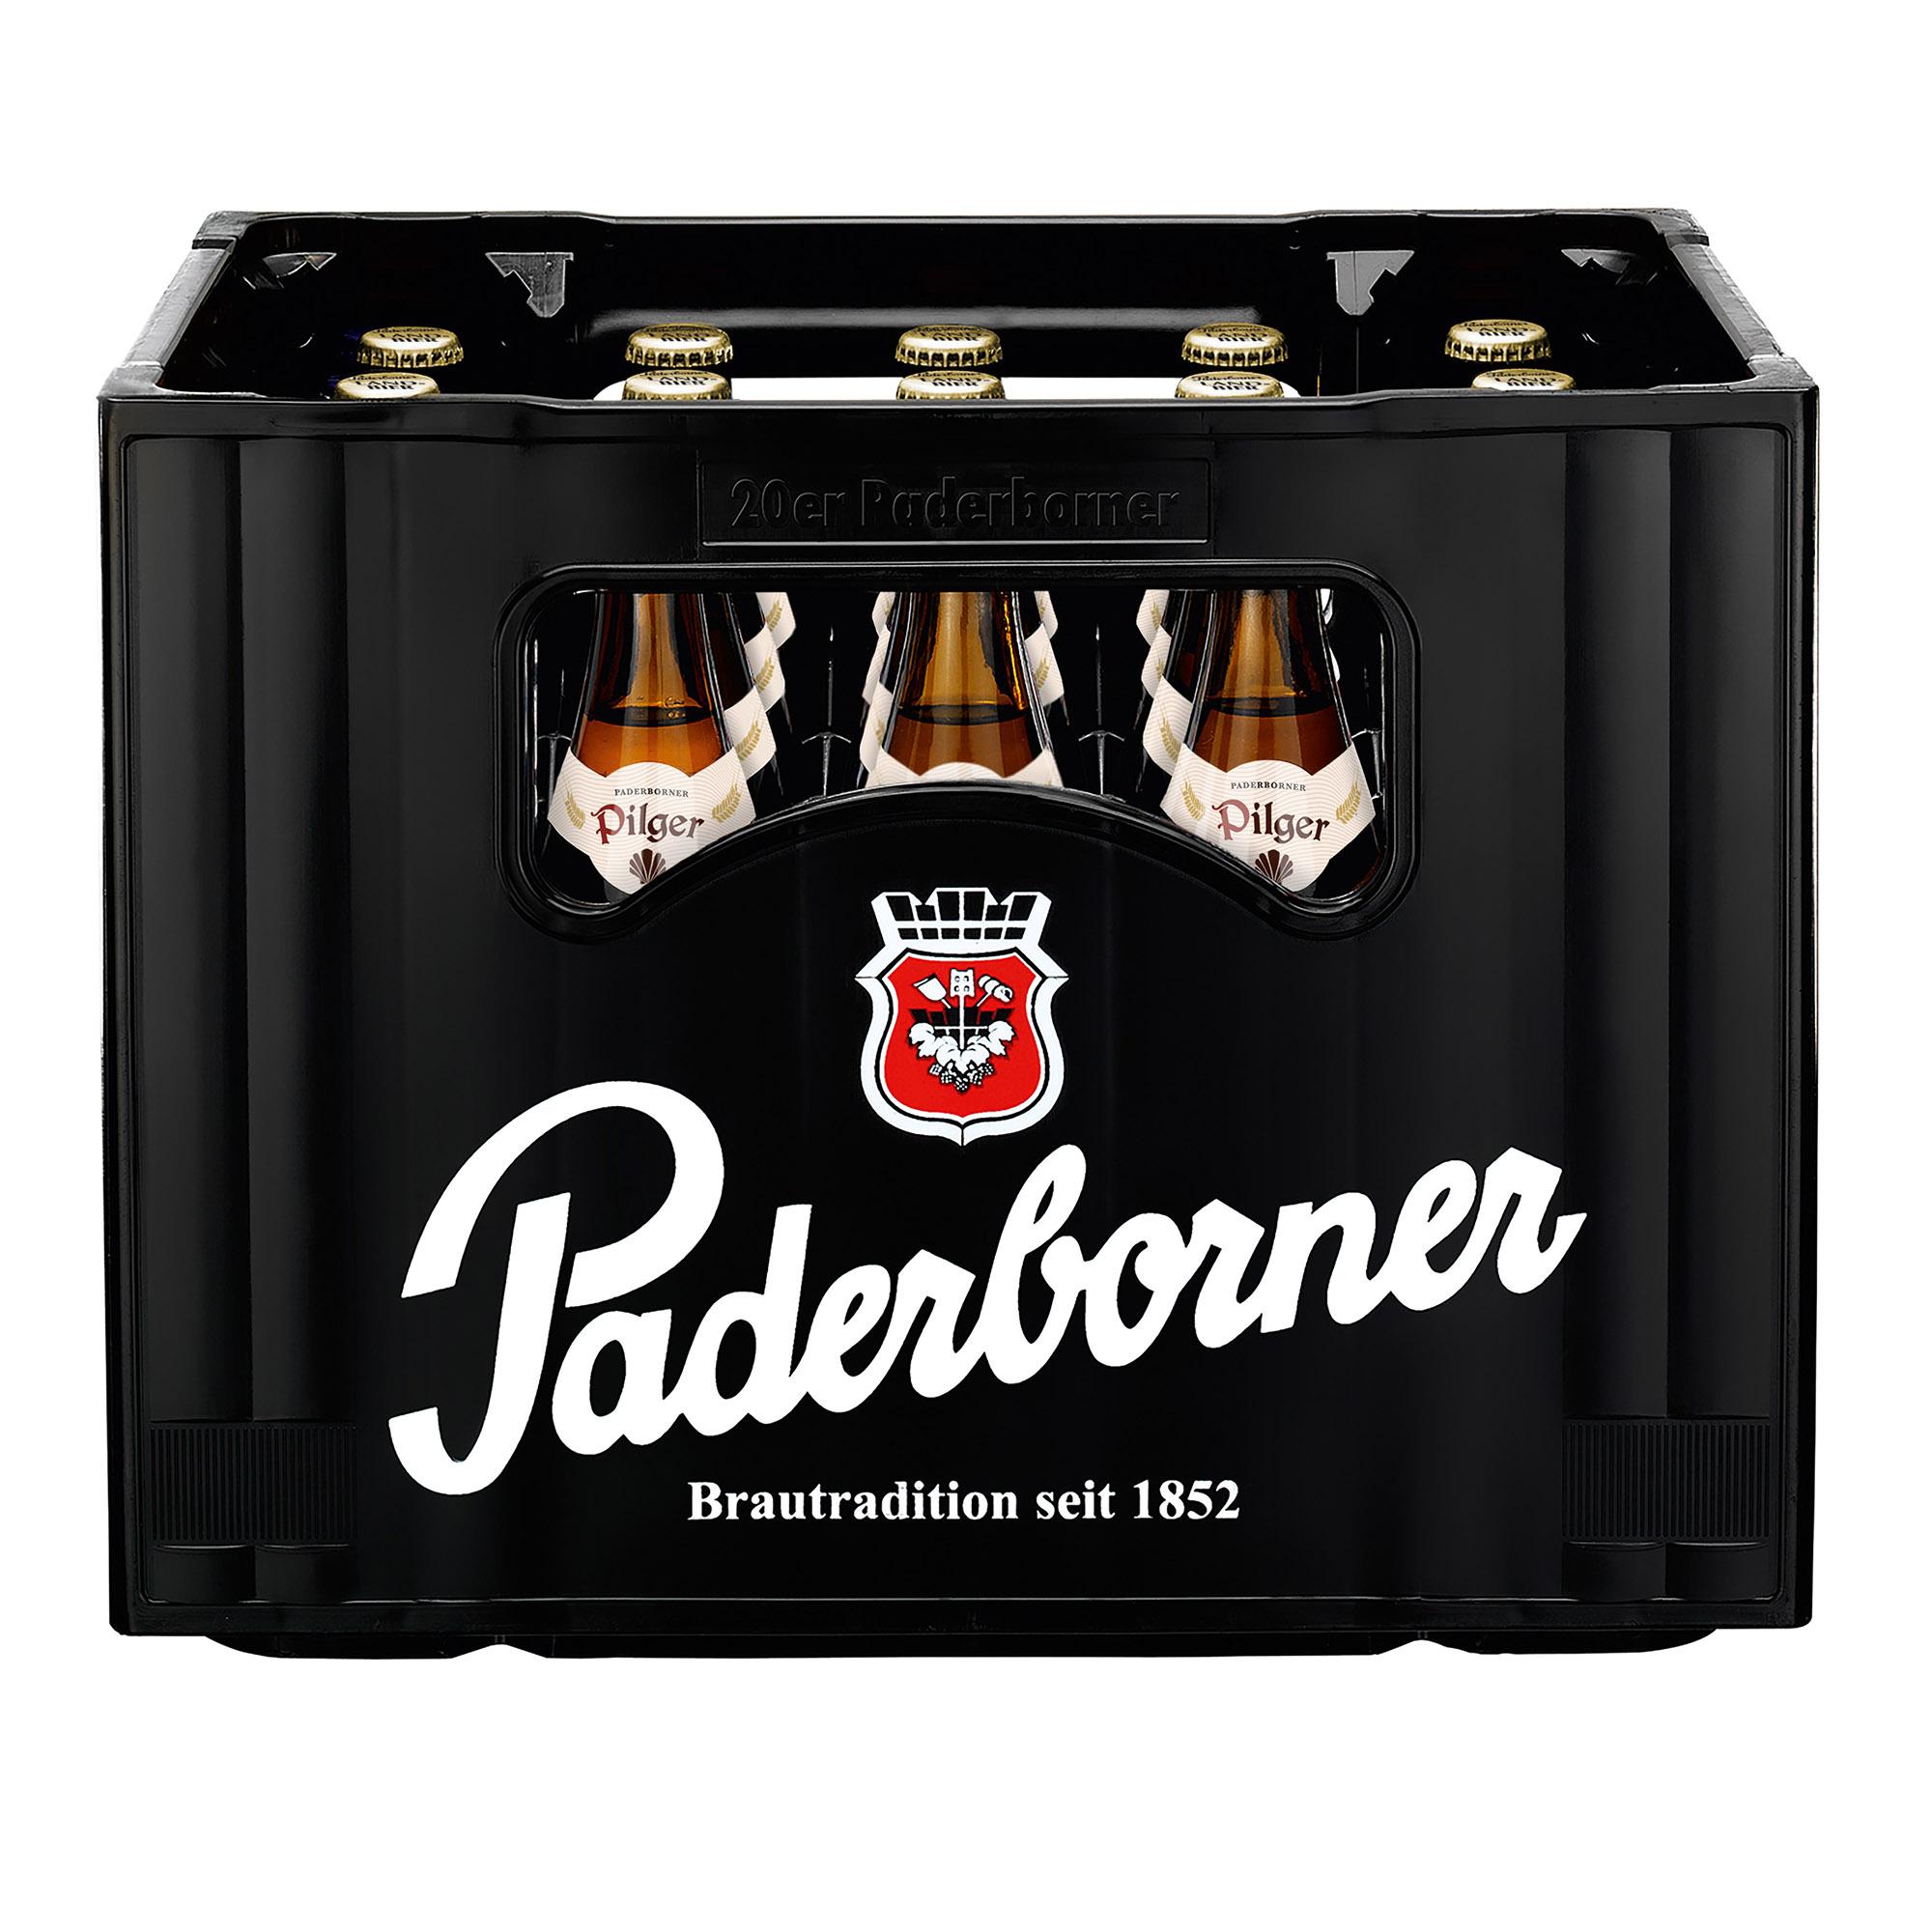 Produktabbildung Paderborner Pilger Landbier Kasten 20 x 0,5 l frontal